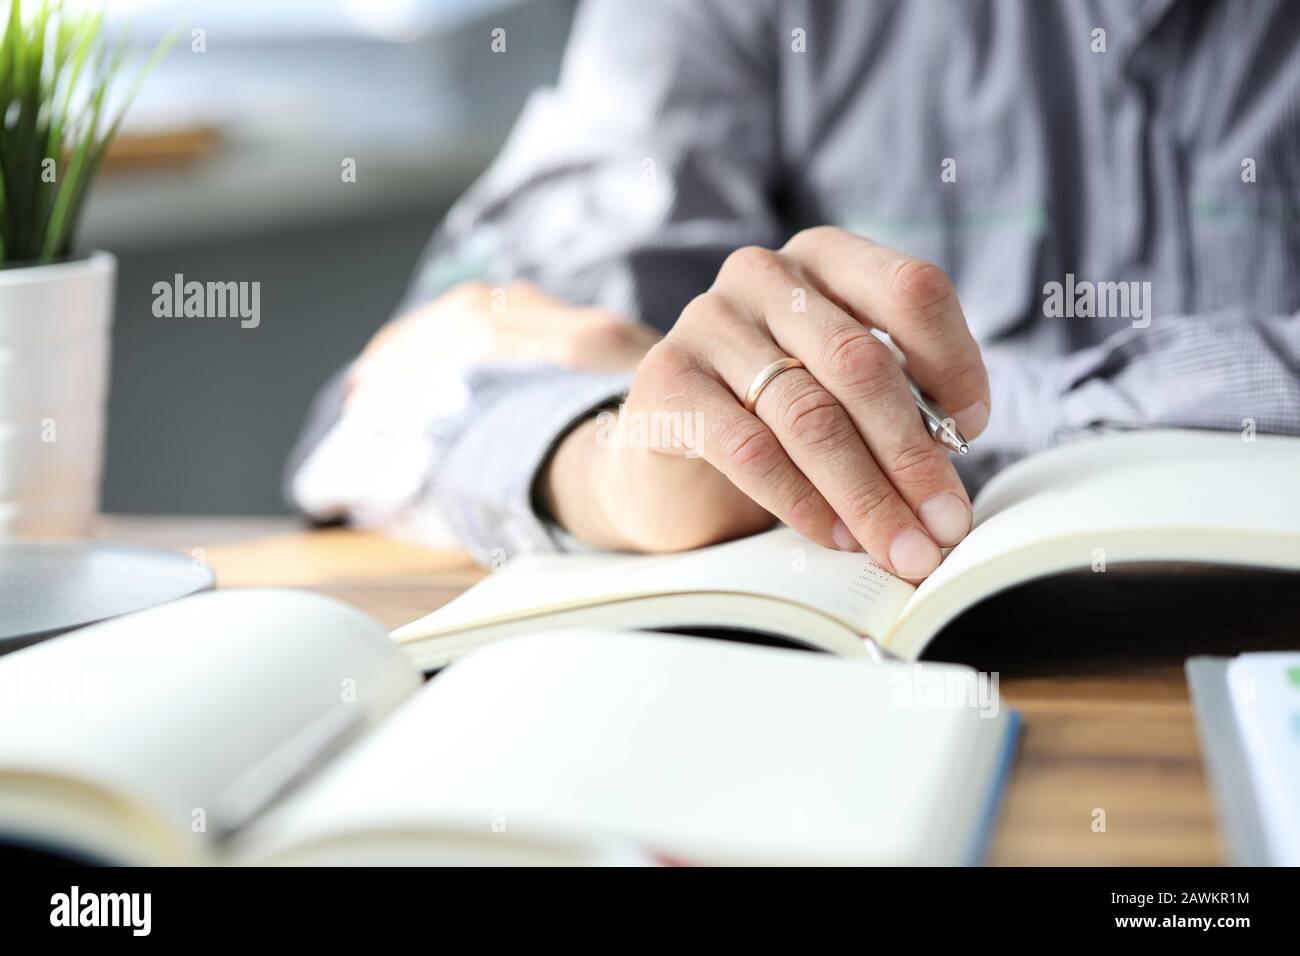 Investigación y preparación, ejecución de proyectos. Foto de stock